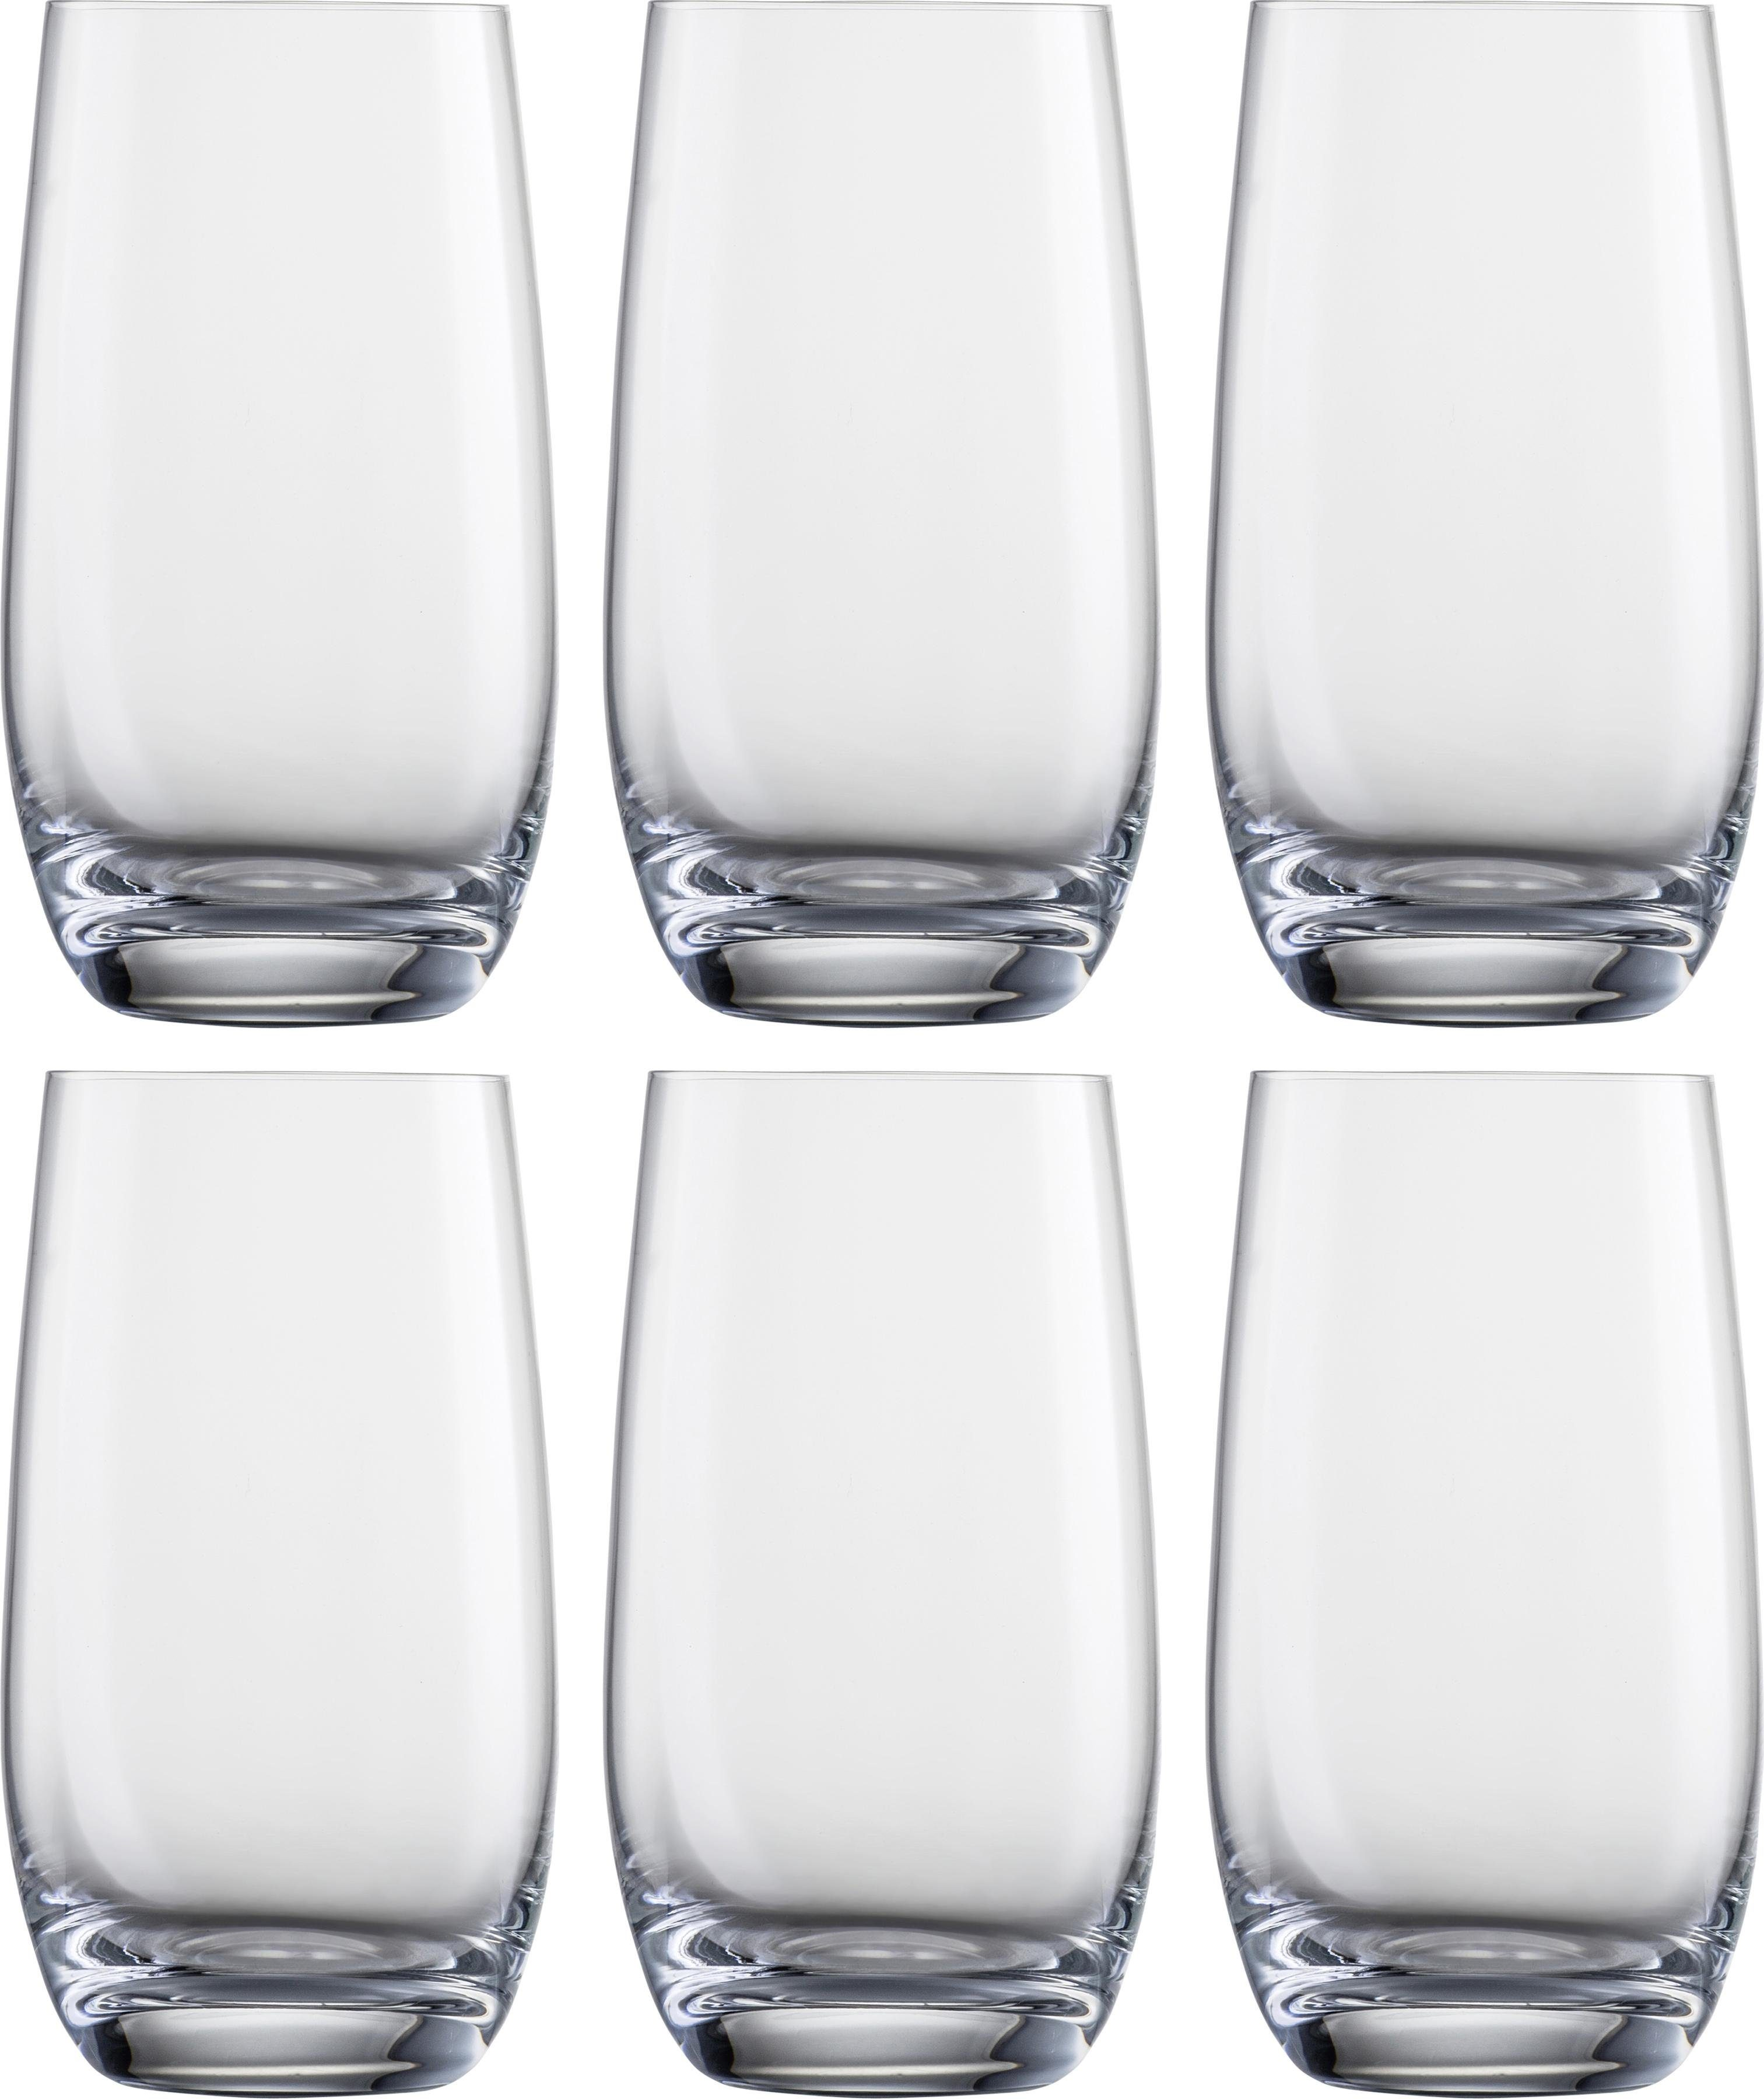 Eisch Becher (6-tlg.) farblos Kristallgläser Gläser Glaswaren Haushaltswaren Trinkgefäße